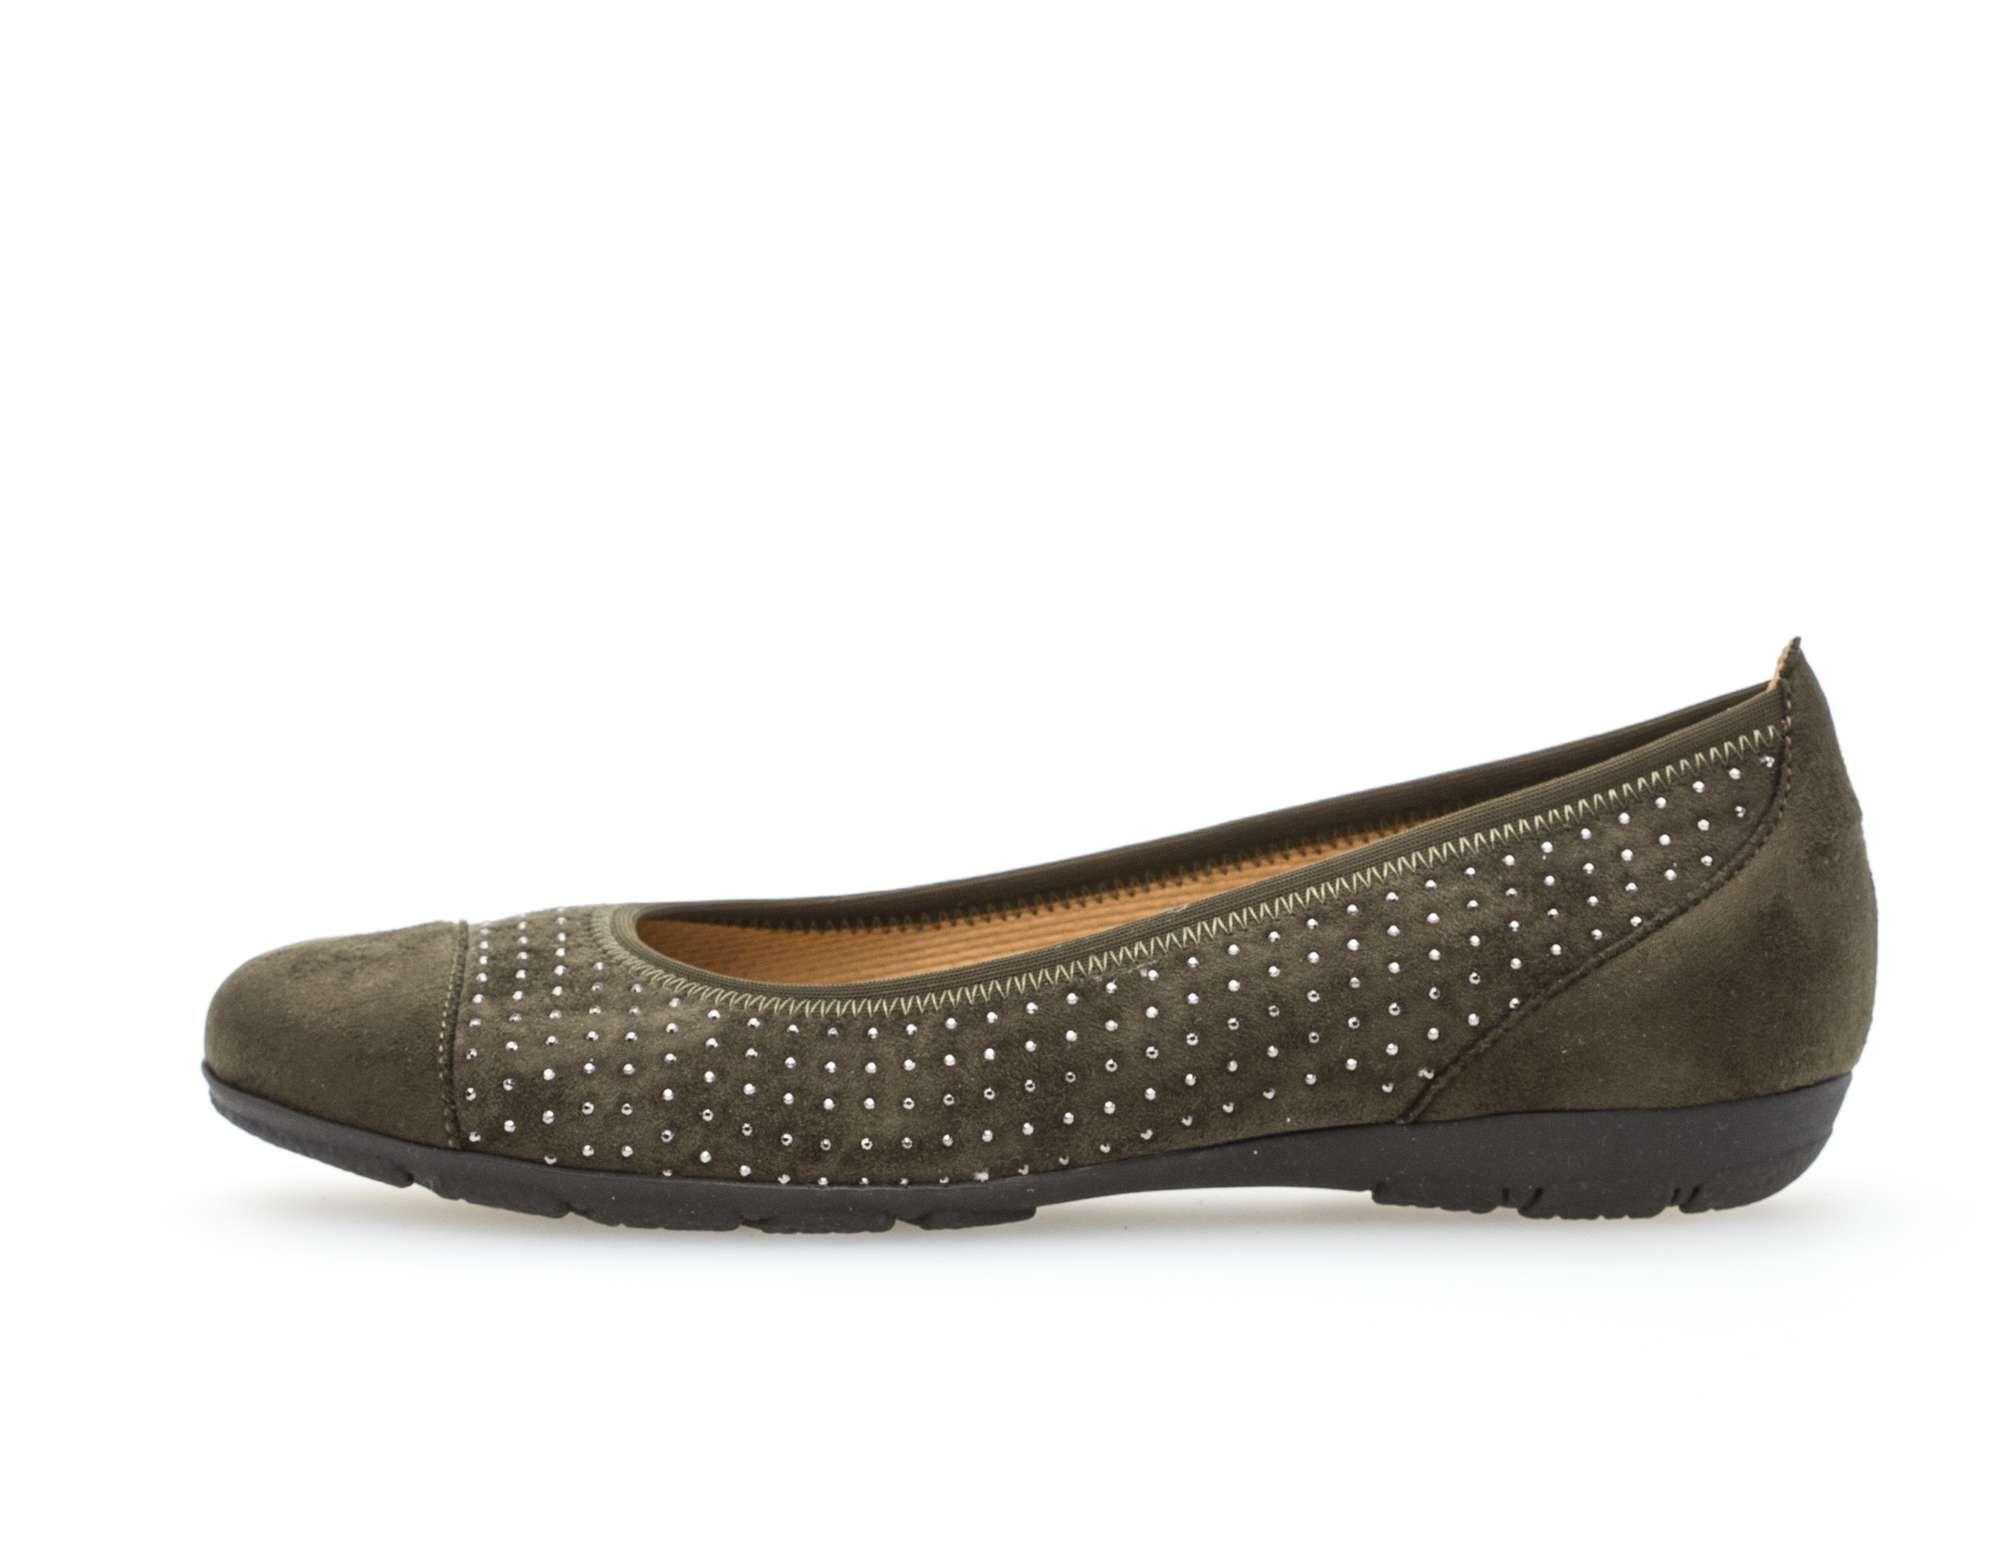 c968bd732e Gabor sötétzöld balerina cipő - 42 1/2 - Óriás-Shop nagyméretű férfi ruhák  és női, férfi cipők boltja